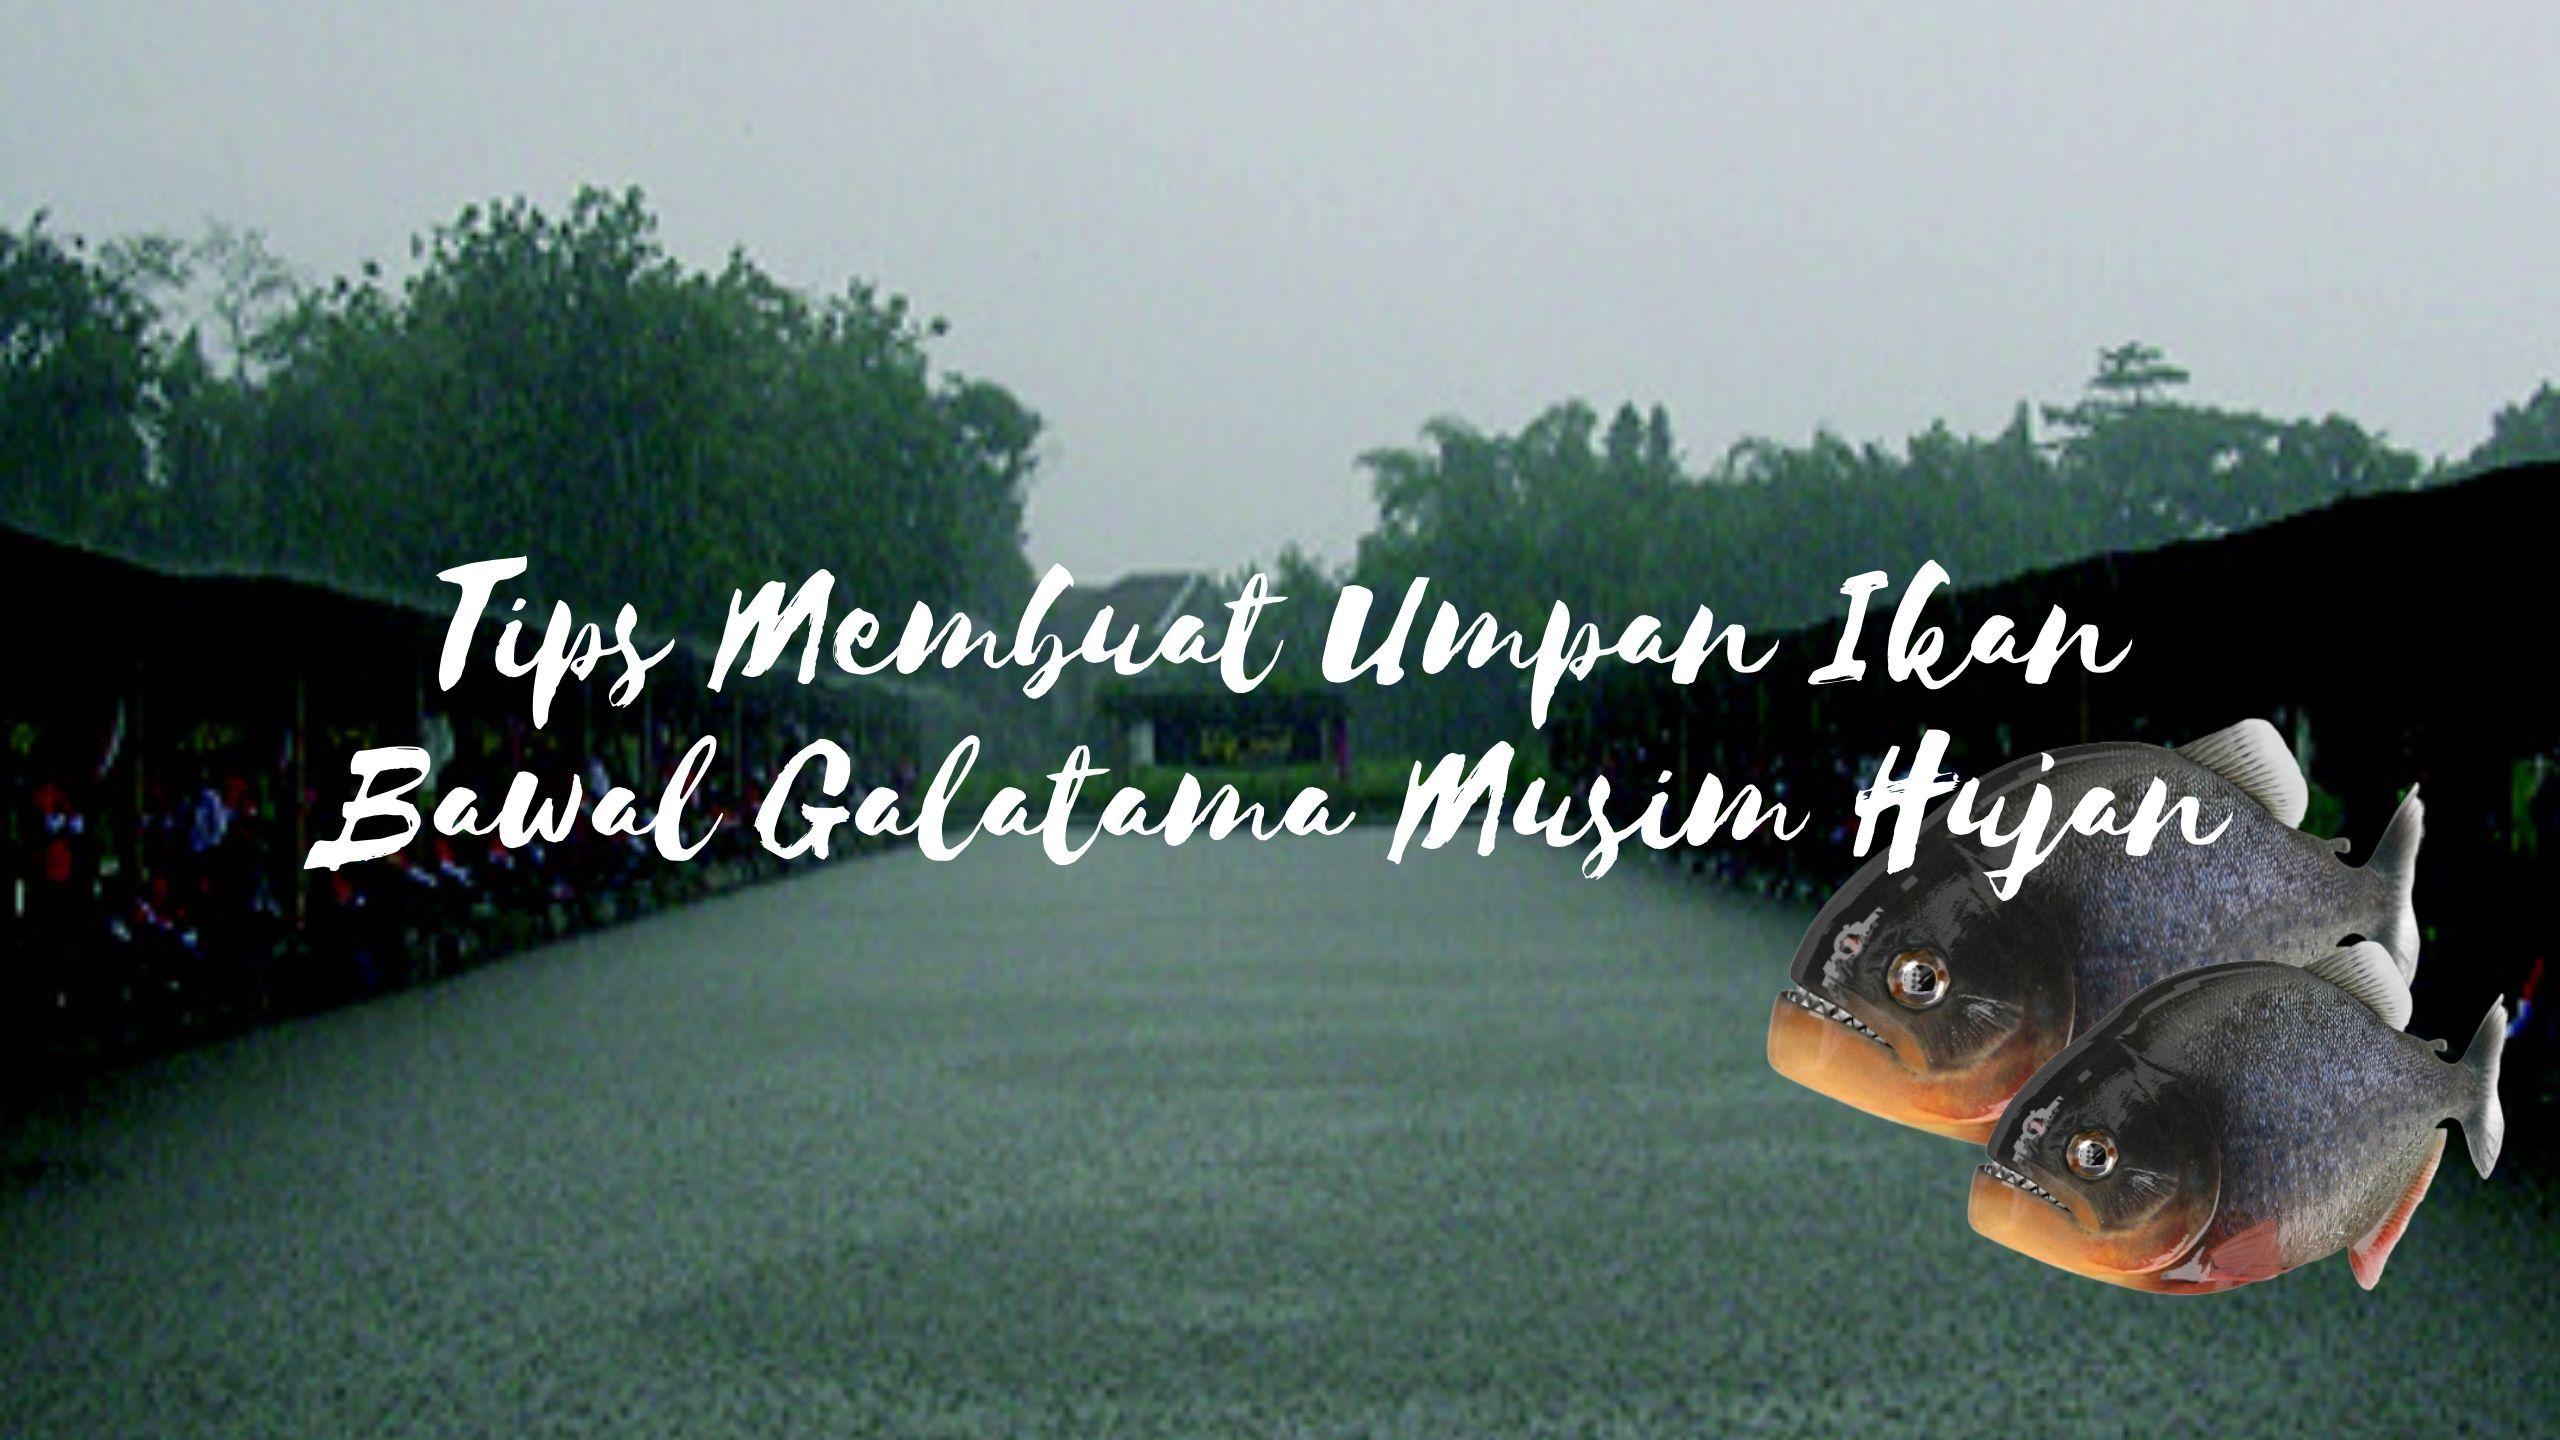 Umpan Ikan Bawal Galatama Musim Hujan Ikan Hujan Tips